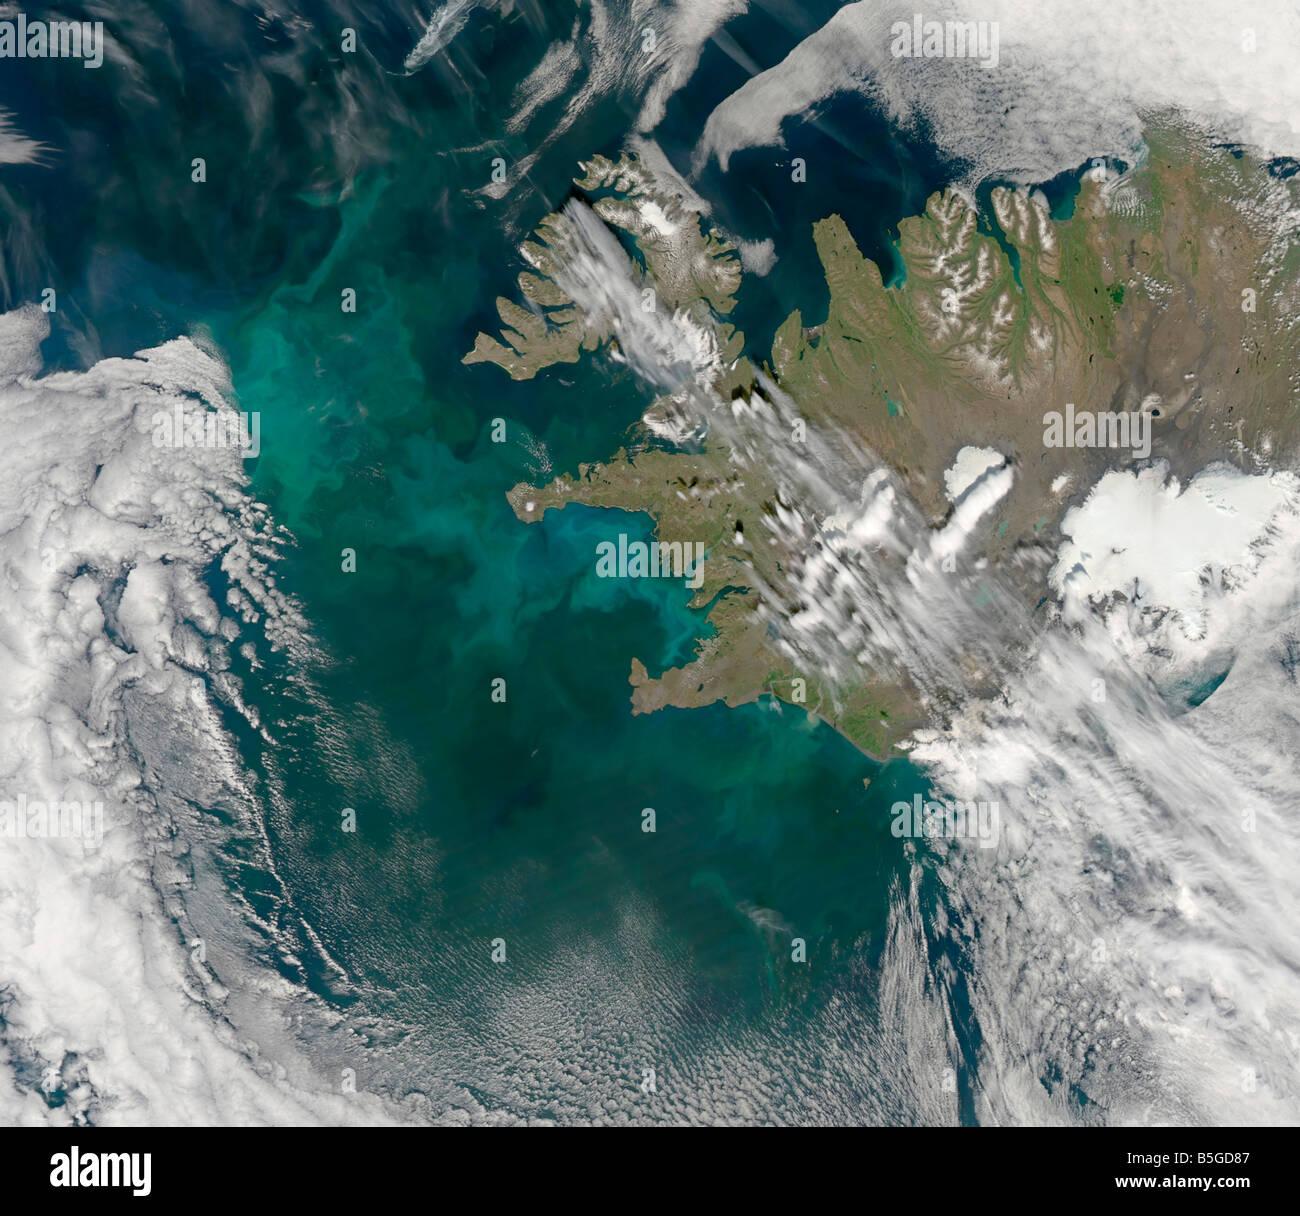 La floraison du phytoplancton dans l'océan Atlantique Nord. Banque D'Images